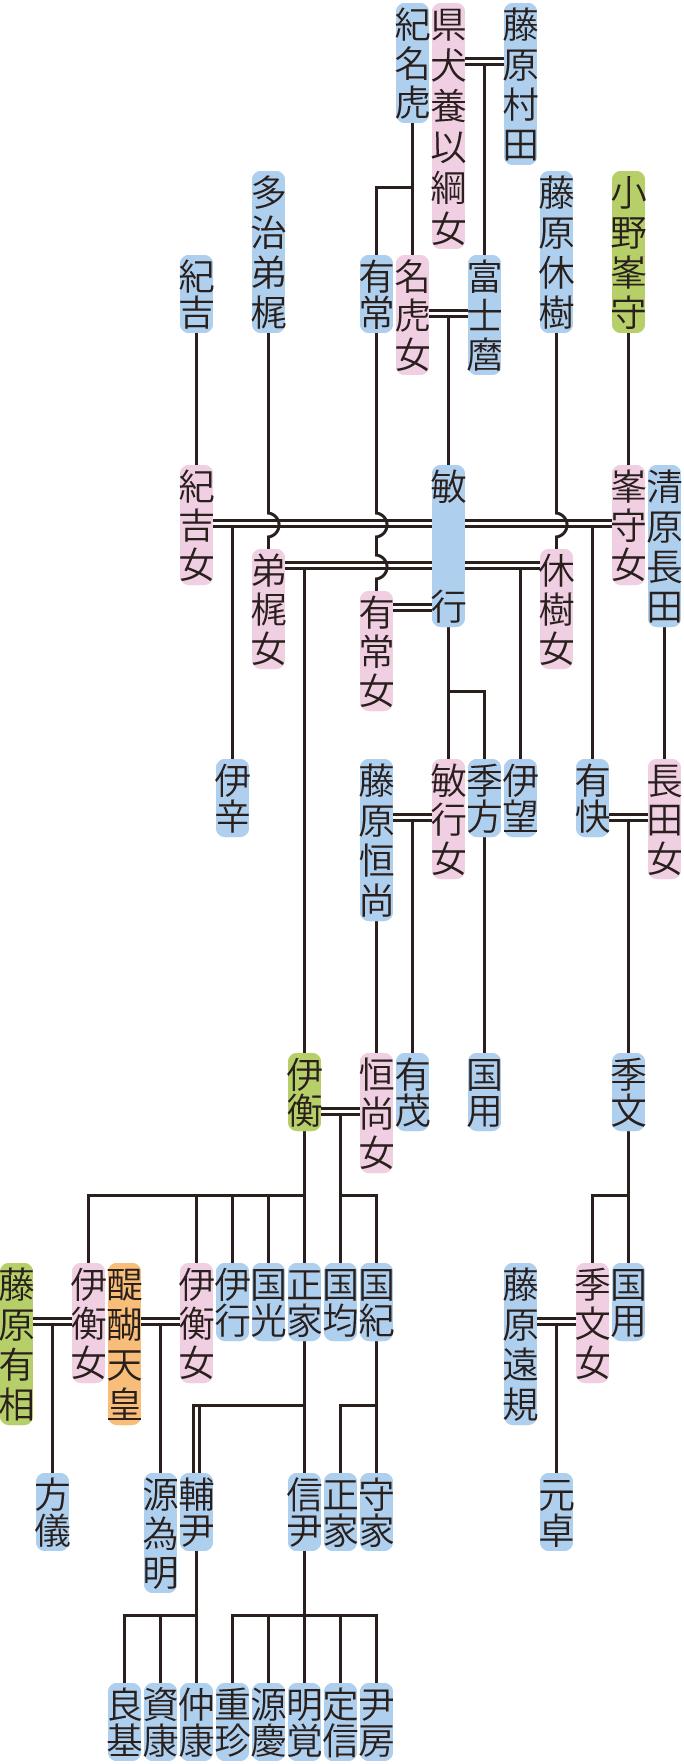 藤原敏行の系図